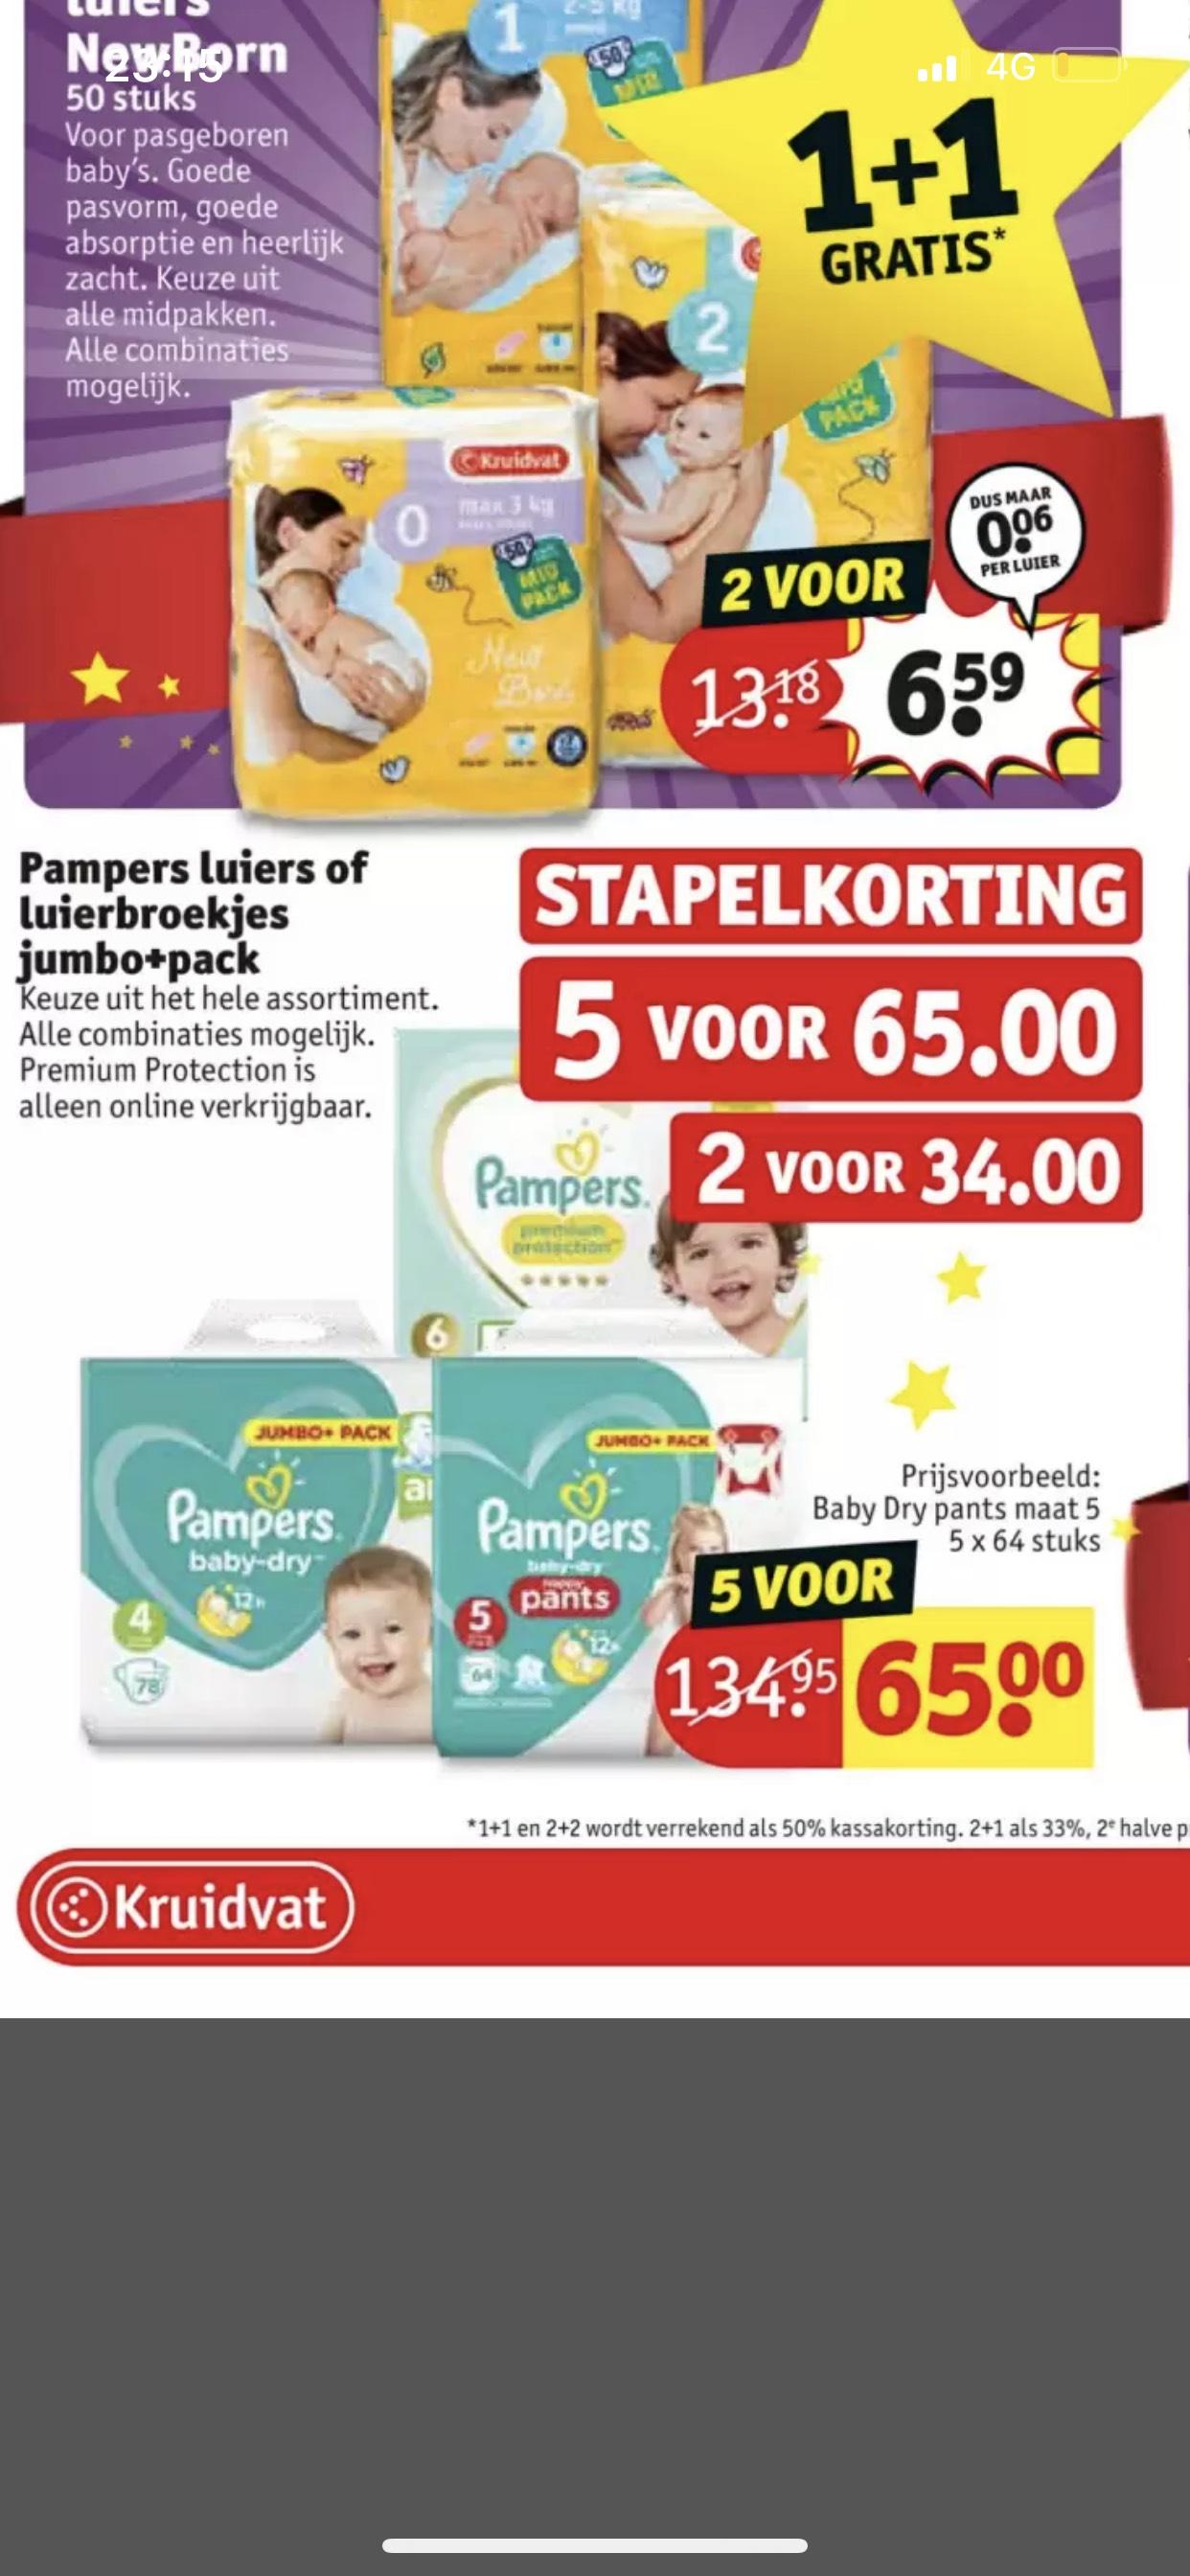 5x jumbo pack pampers voor €65,- bij de Kruidvat